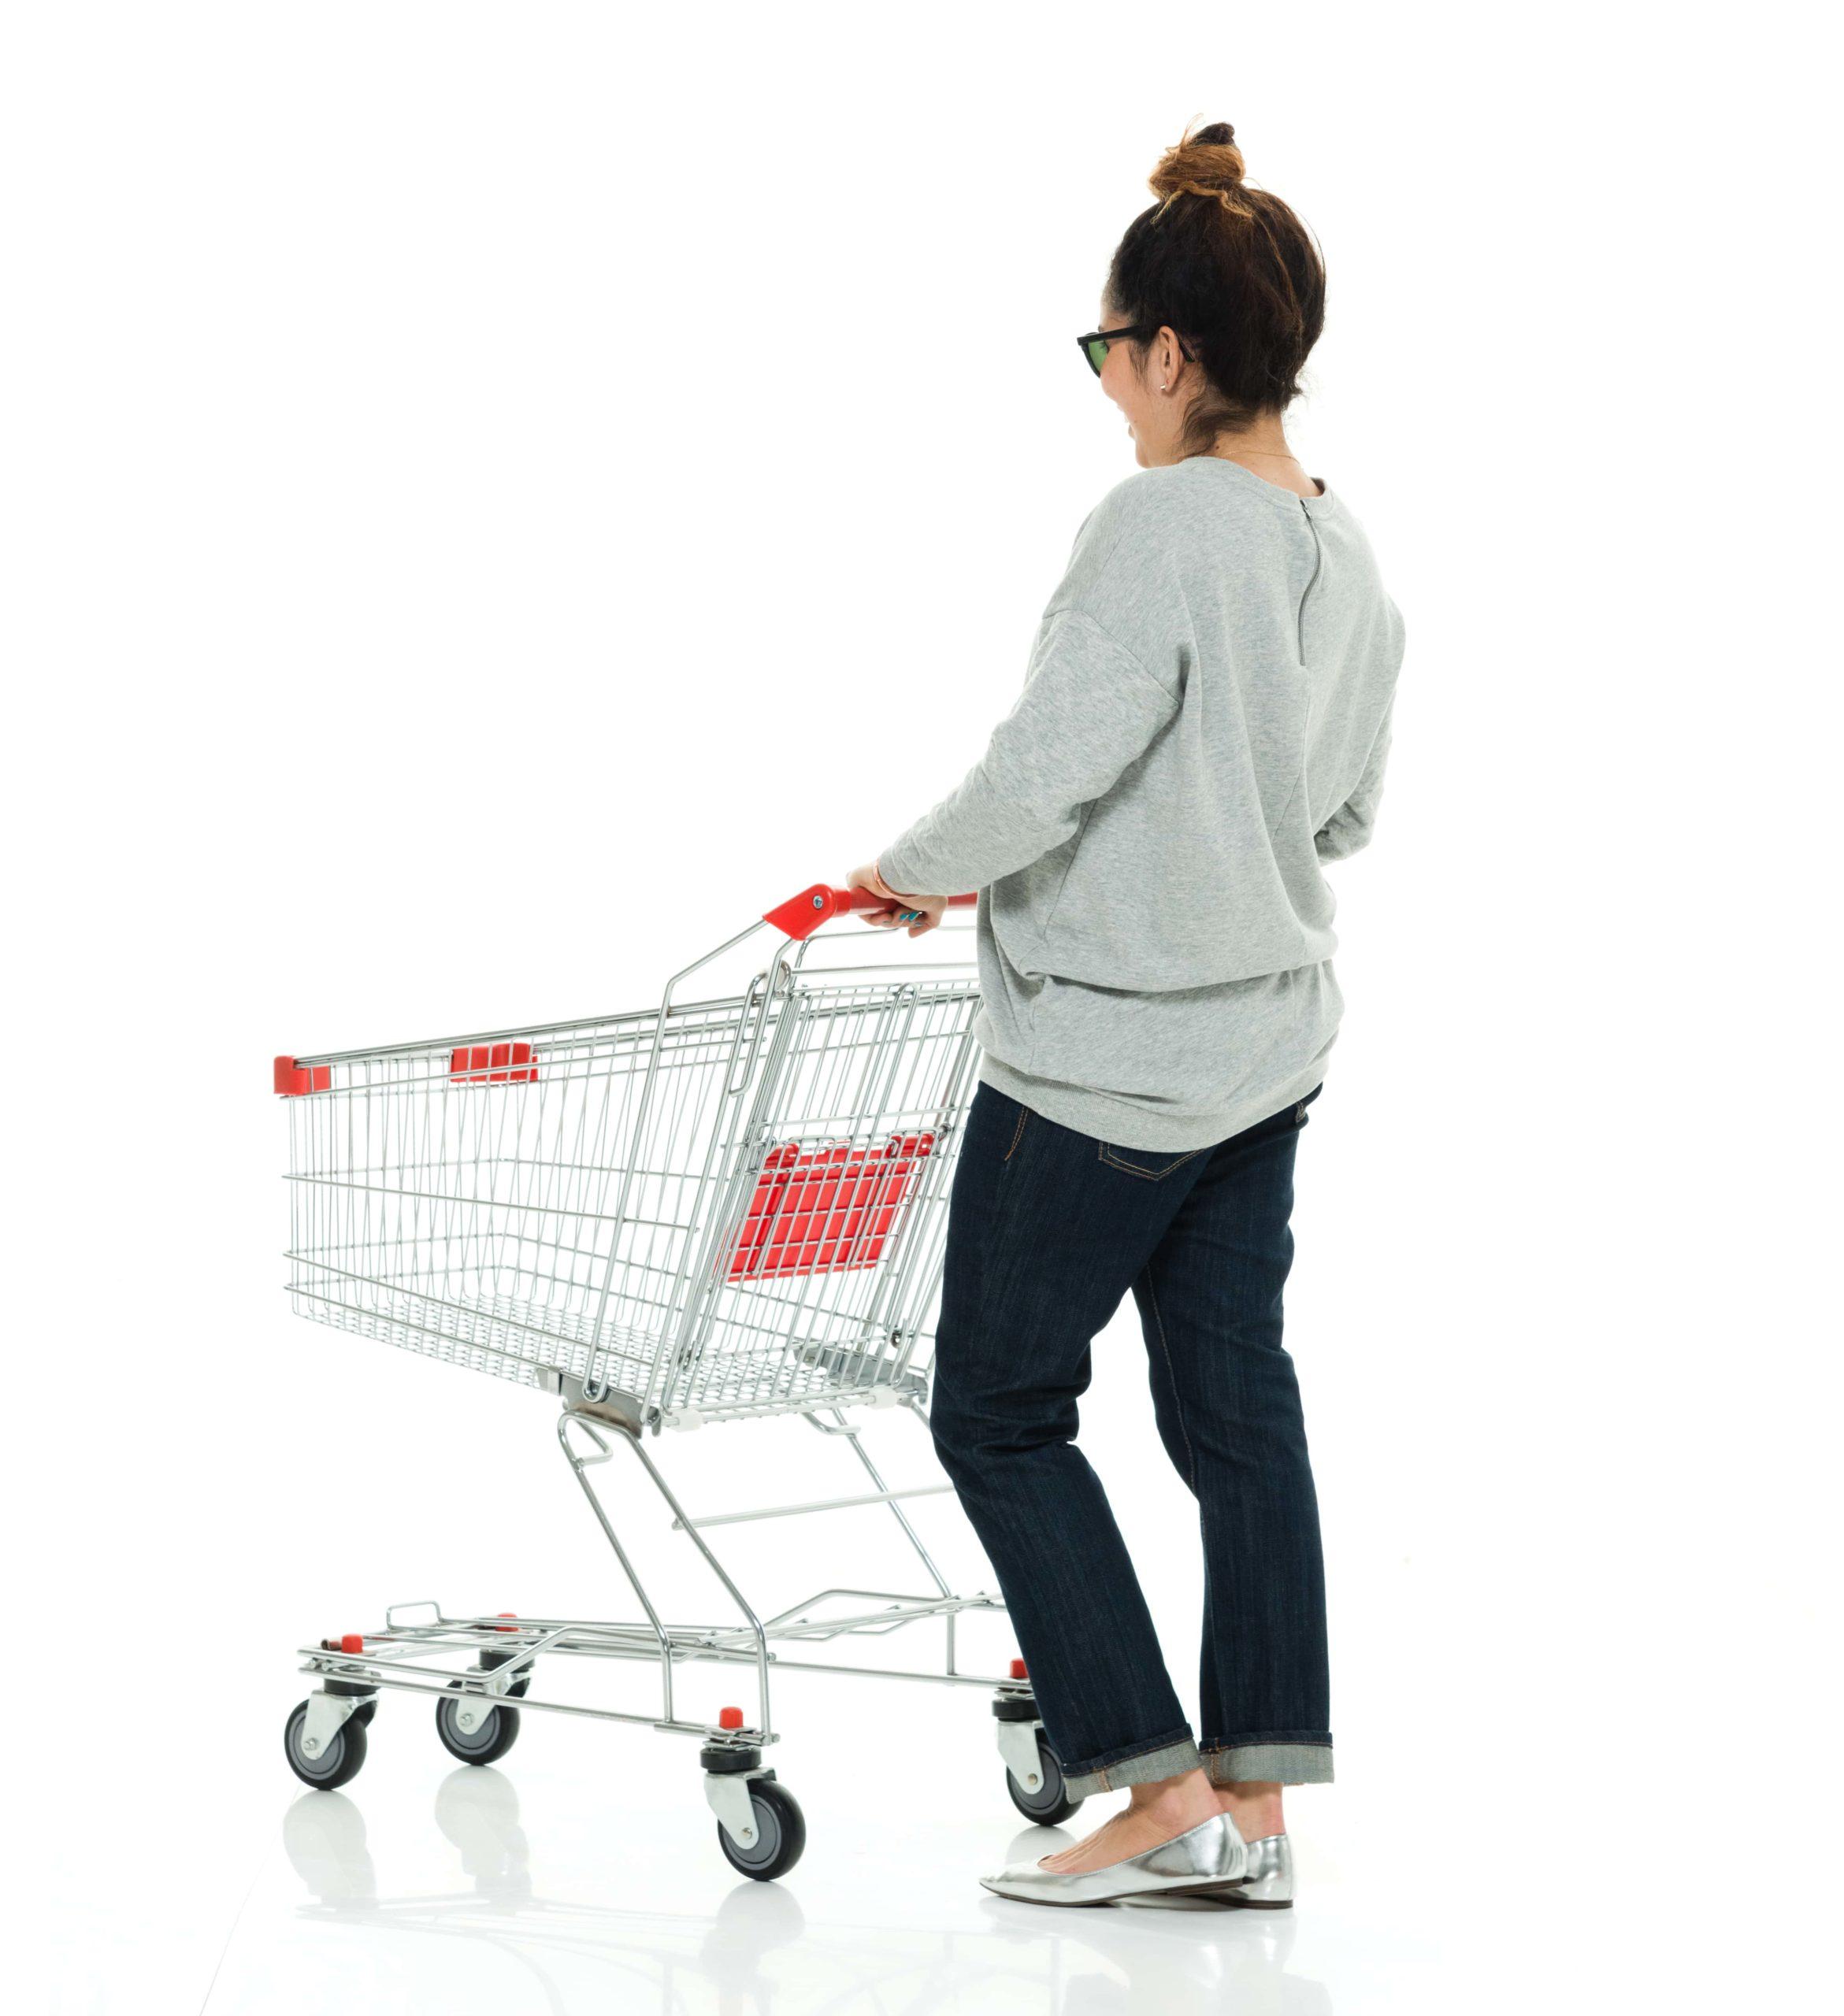 Les achats des ménages français de nouveau marqués par la crise sanitaire en 2020-21